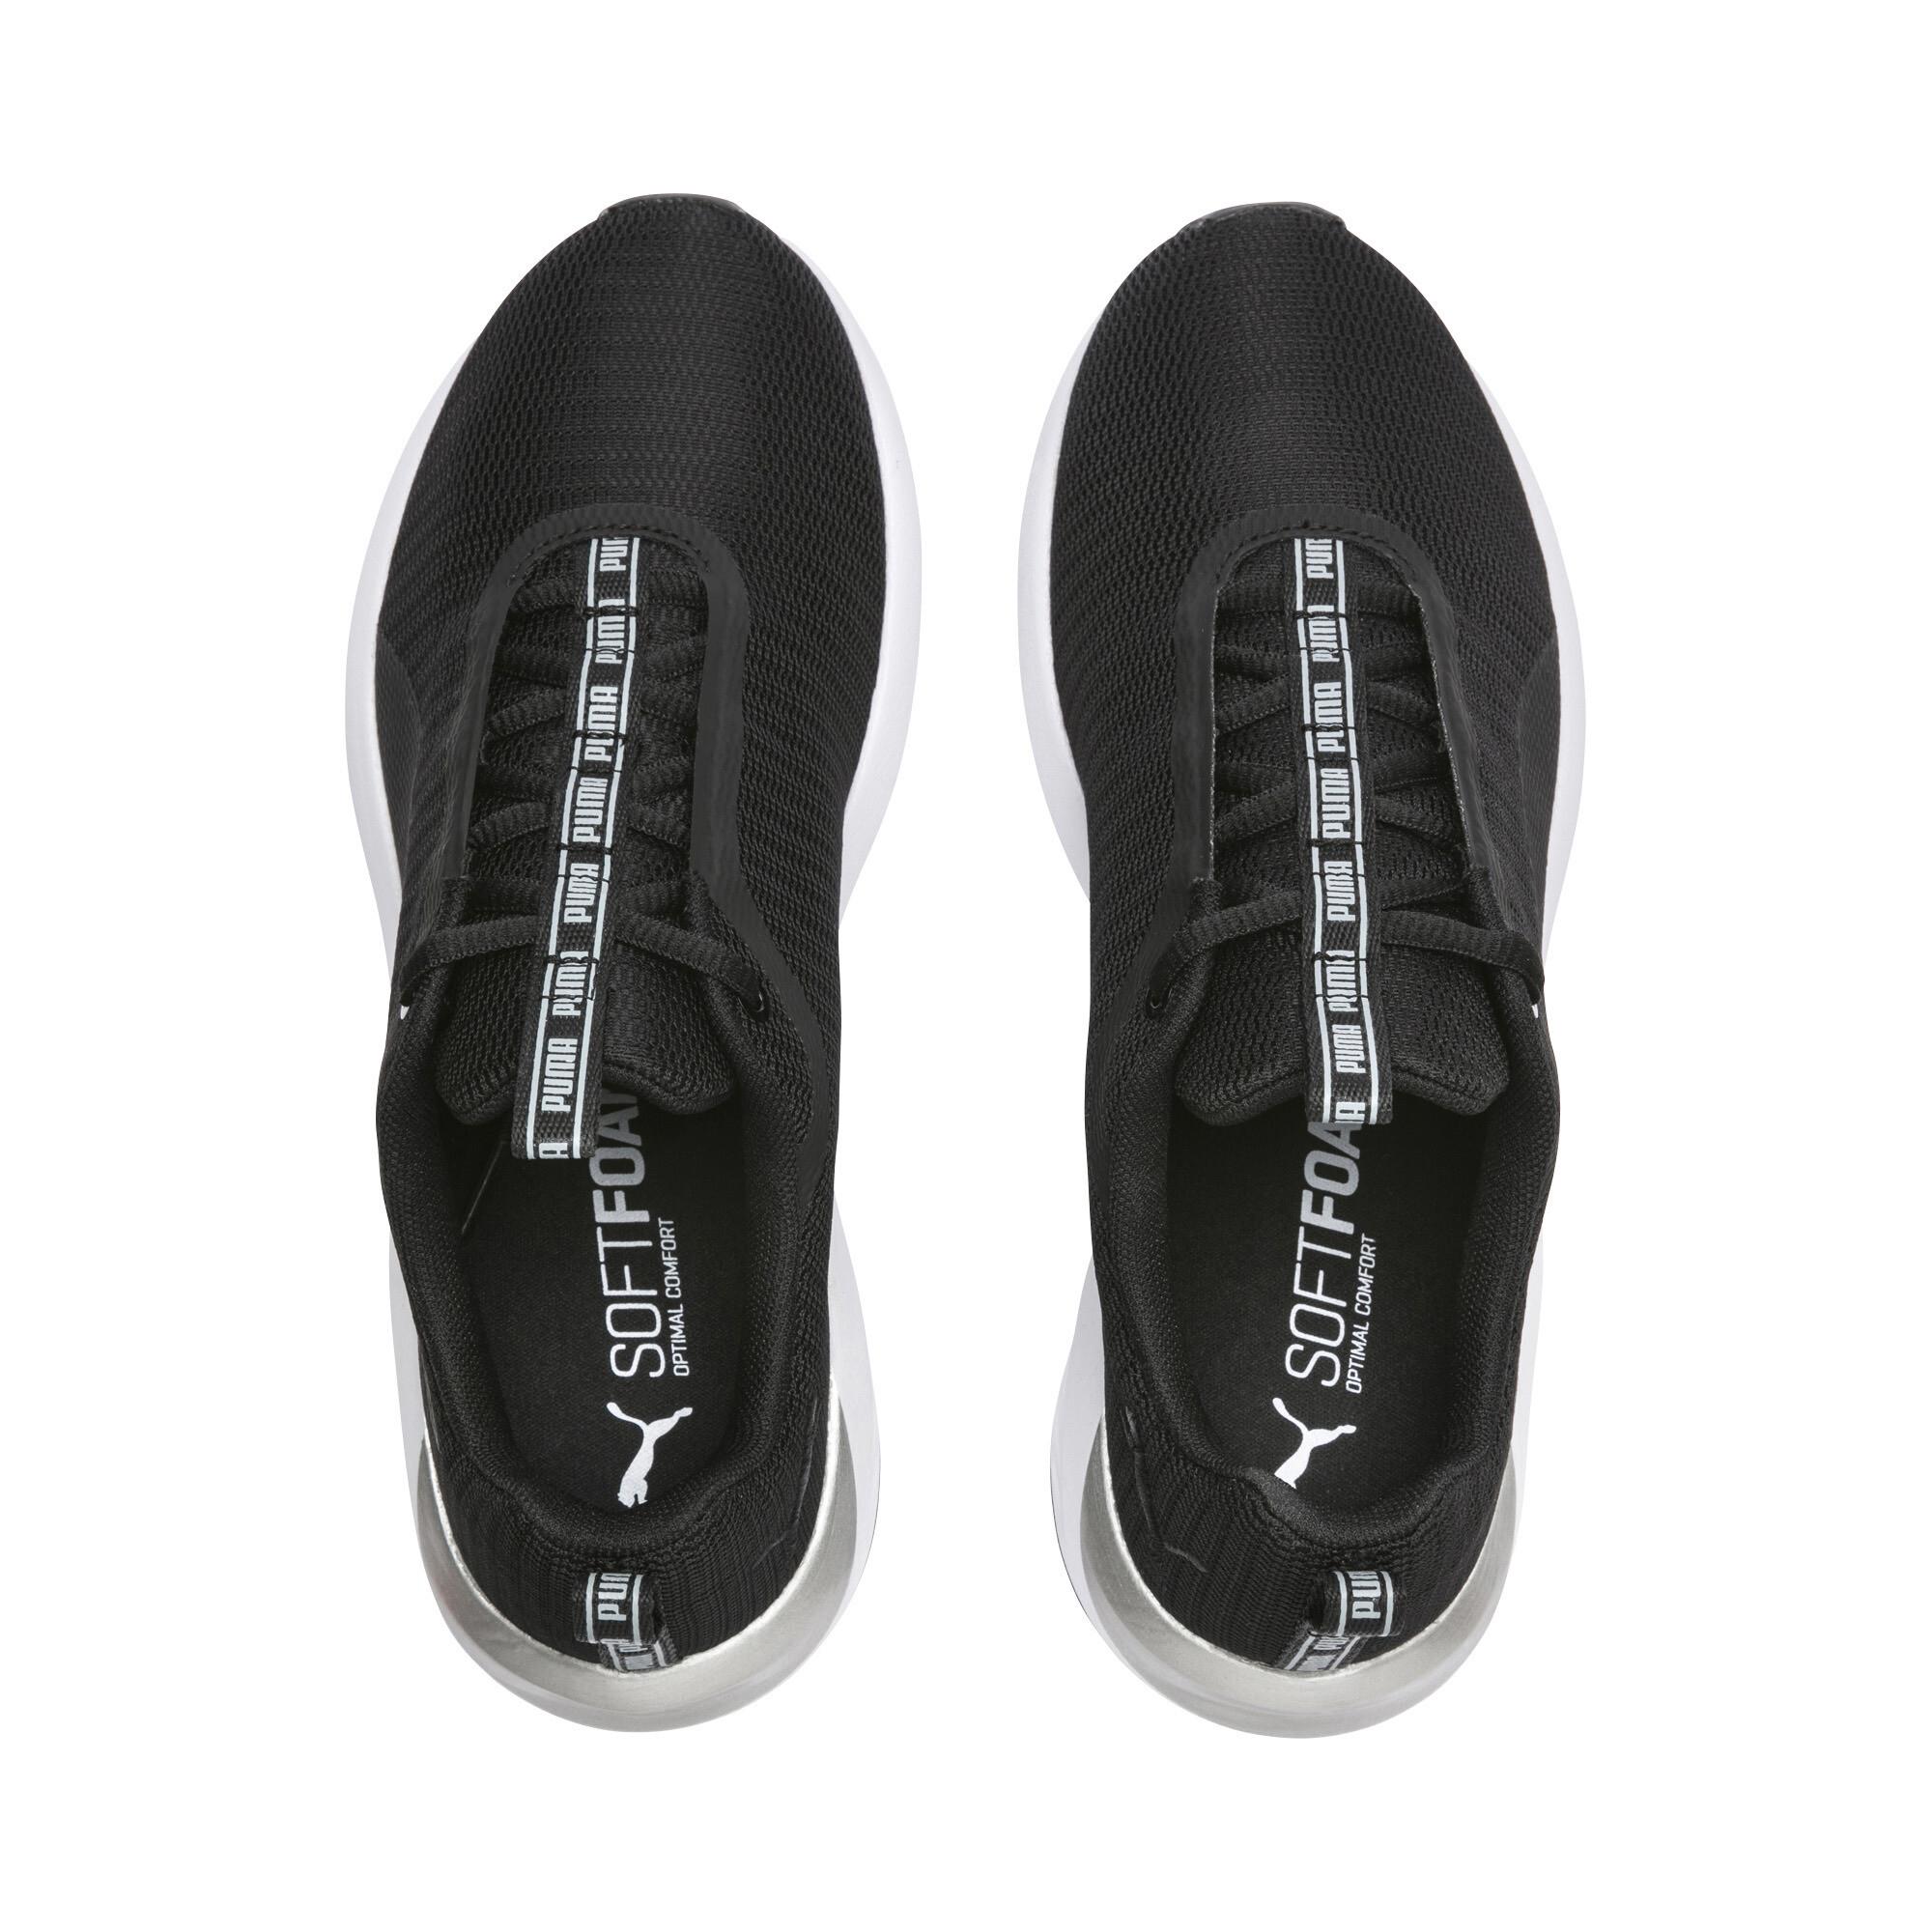 PUMA-Prowl-2-Women-s-Training-Shoes-Women-Shoe-Training thumbnail 7